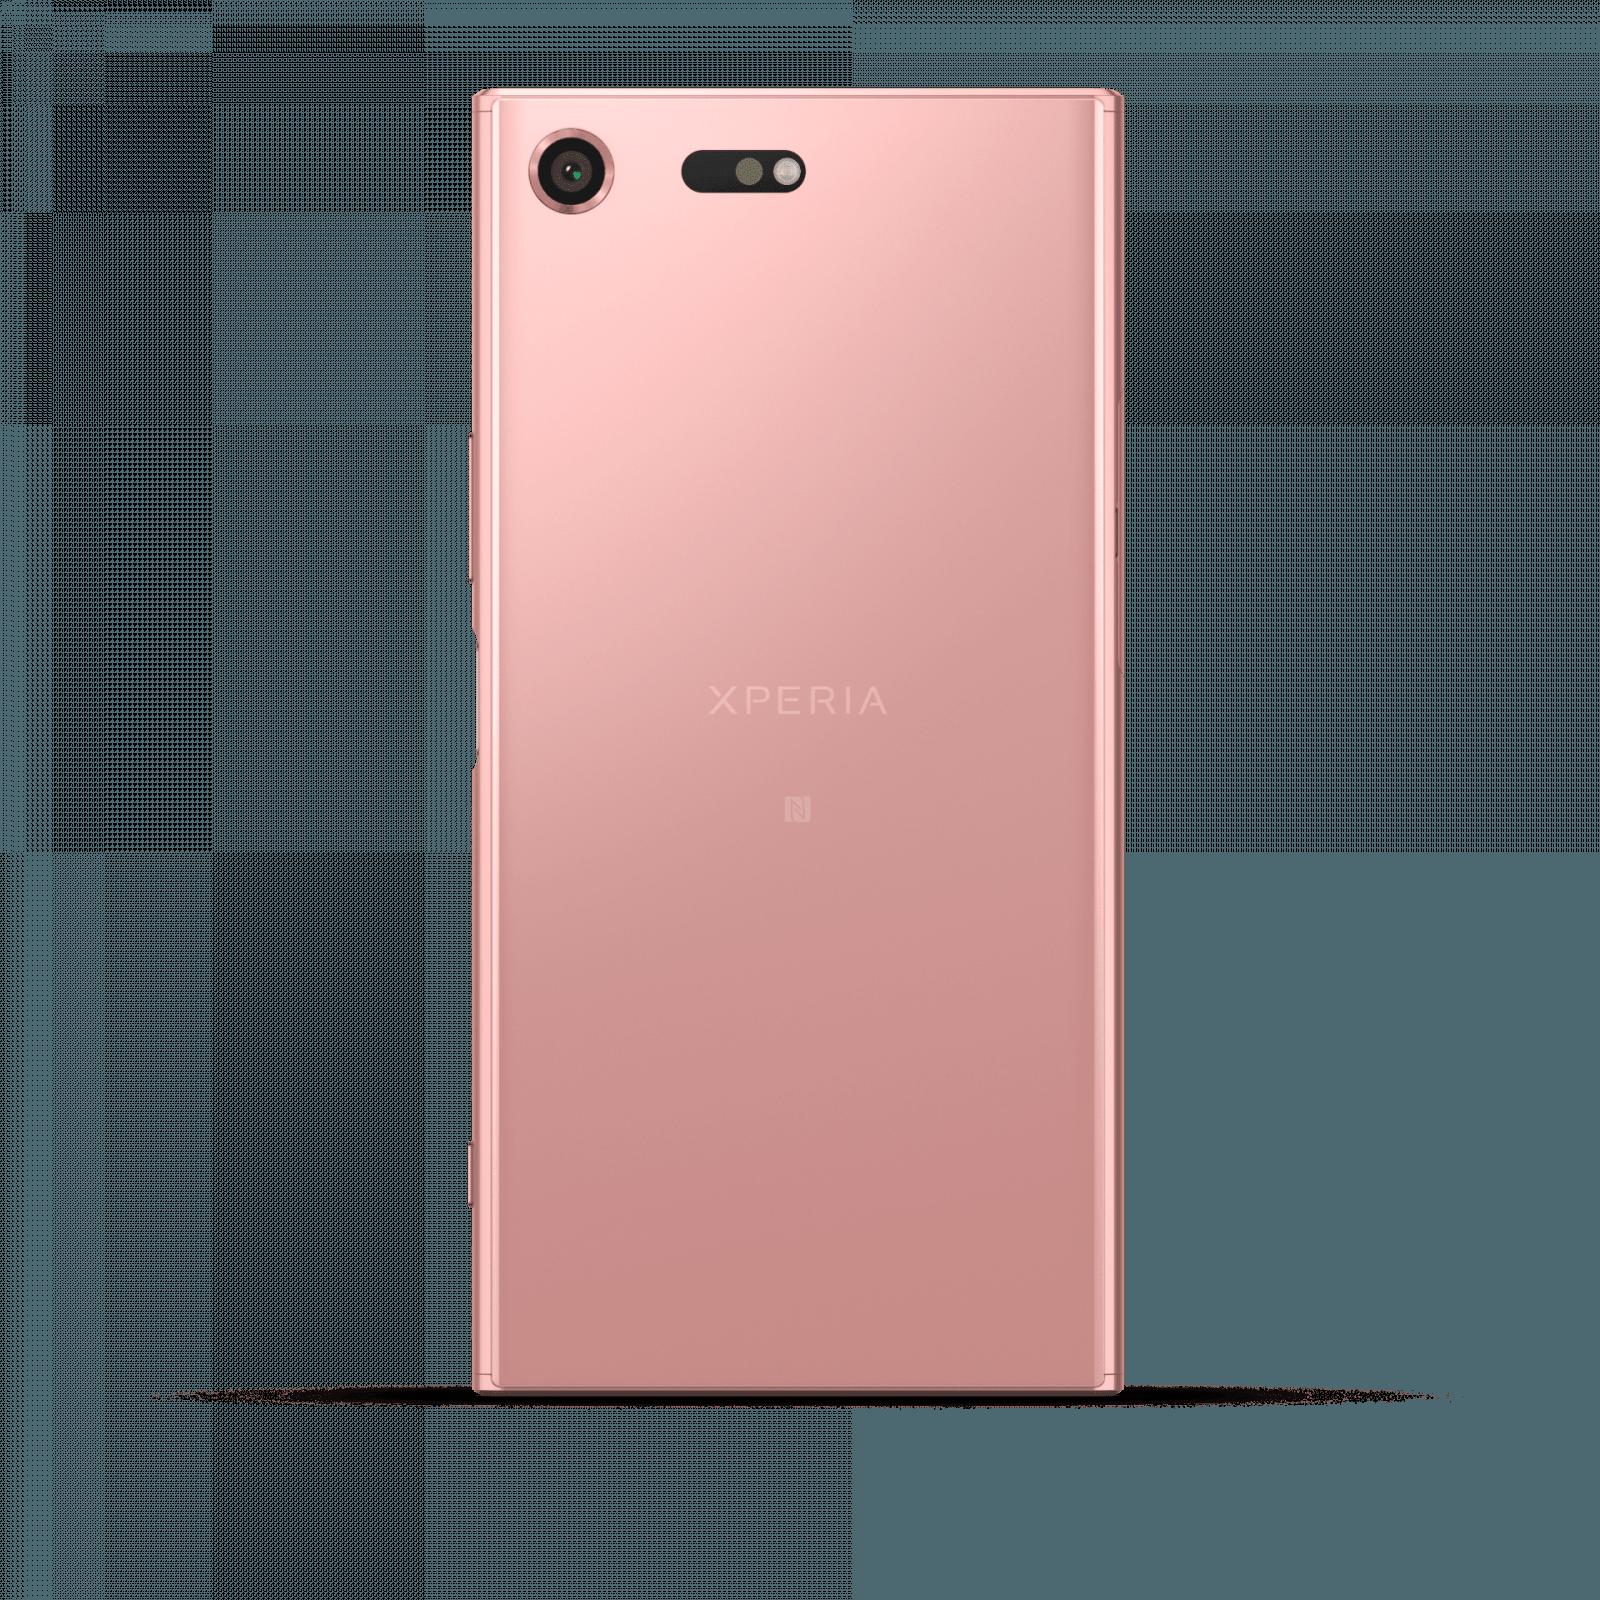 XZ Premium back 1 - Sony представила Xperia XZ Premium  в цвете розовая бронза